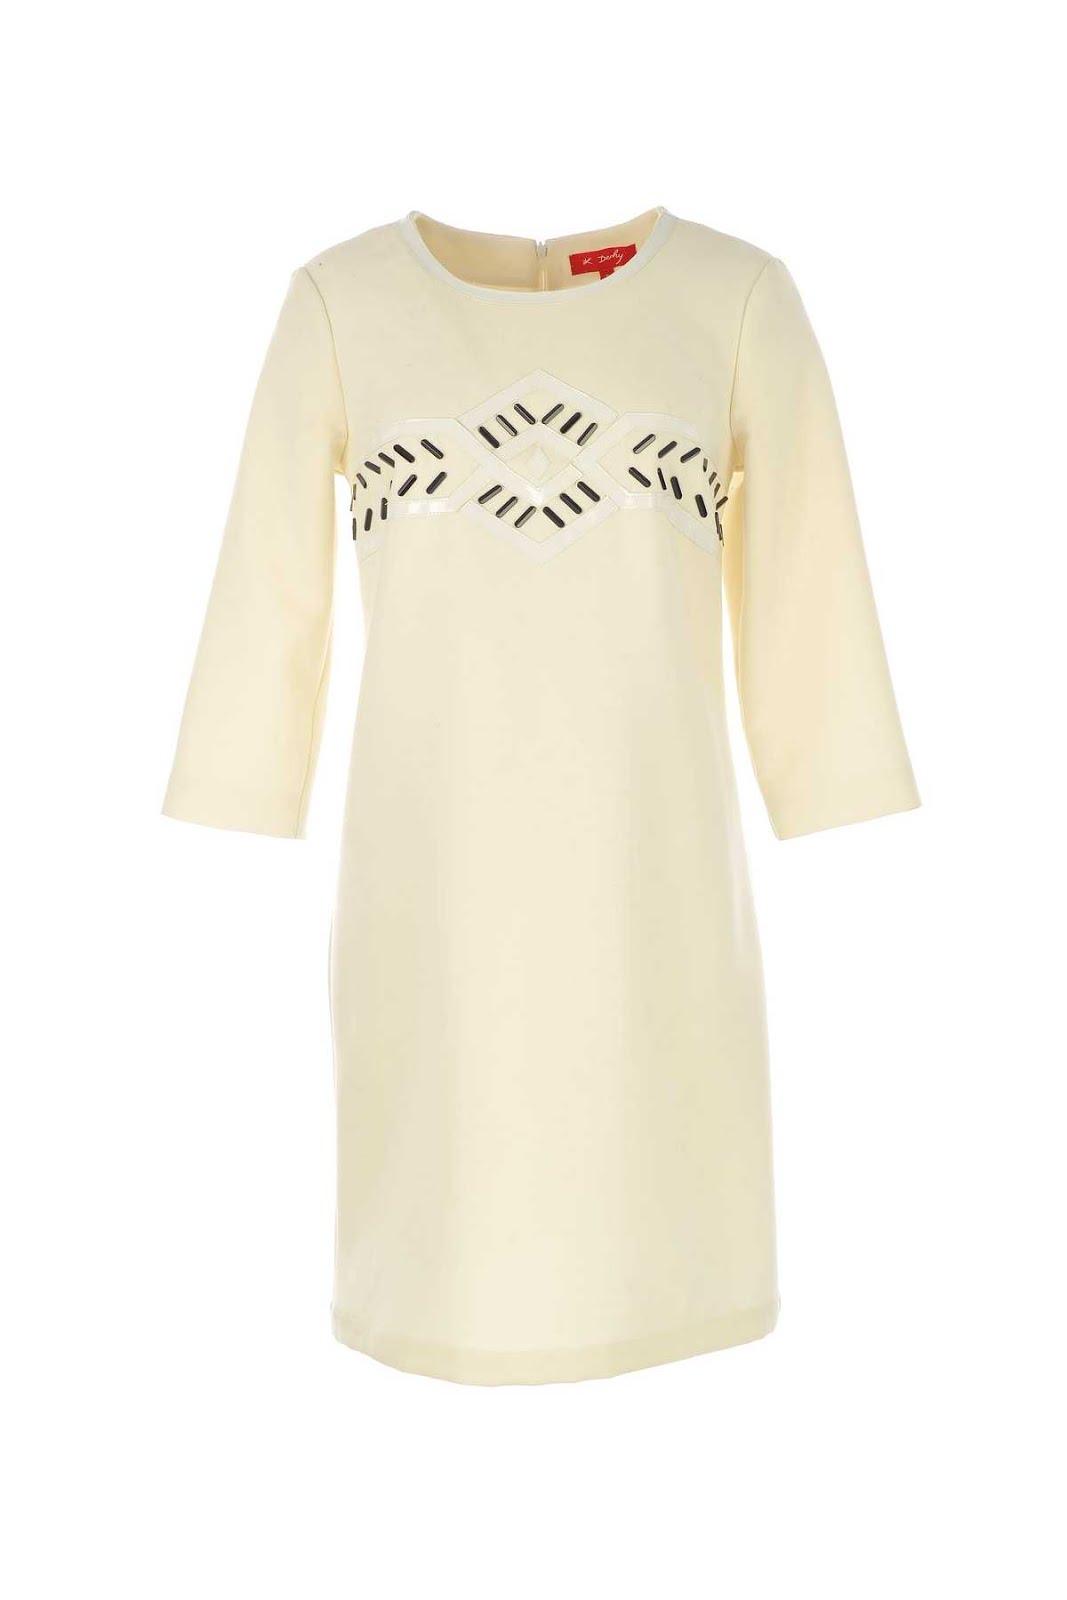 Φορεμα πρωινο με μεταλλικα στοιχεια